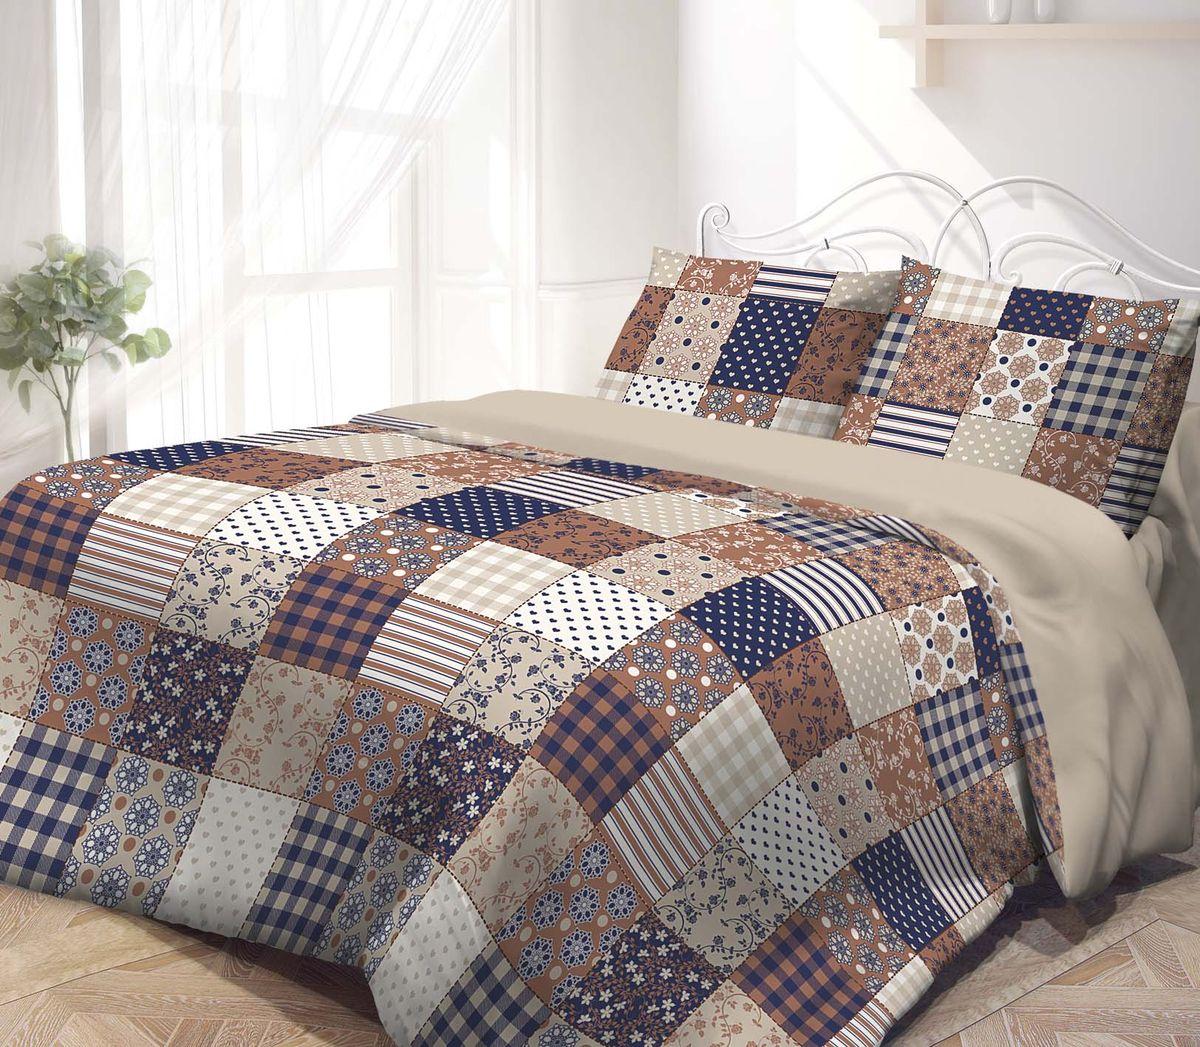 Комплект белья Гармония, 2-спальный, наволочки 50х70, цвет: синий, коричневый193254Комплект постельного белья Гармония является экологически безопасным, так как выполнен из поплина (100% хлопка). Комплект состоит из пододеяльника, простыни и двух наволочек. Постельное белье оформлено орнаментом в клеткуи имеет изысканный внешний вид. Постельное белье Гармония - лучший выбор для современной хозяйки! Его отличают демократичная цена и отличное качество. Поплин мягкий и приятный на ощупь. Кроме того, эта ткань не требует особого ухода, легко стирается и прекрасно держит форму. Высококачественные красители, которые используются при производстве постельного белья, сохраняют свой цвет даже после многочисленных стирок.